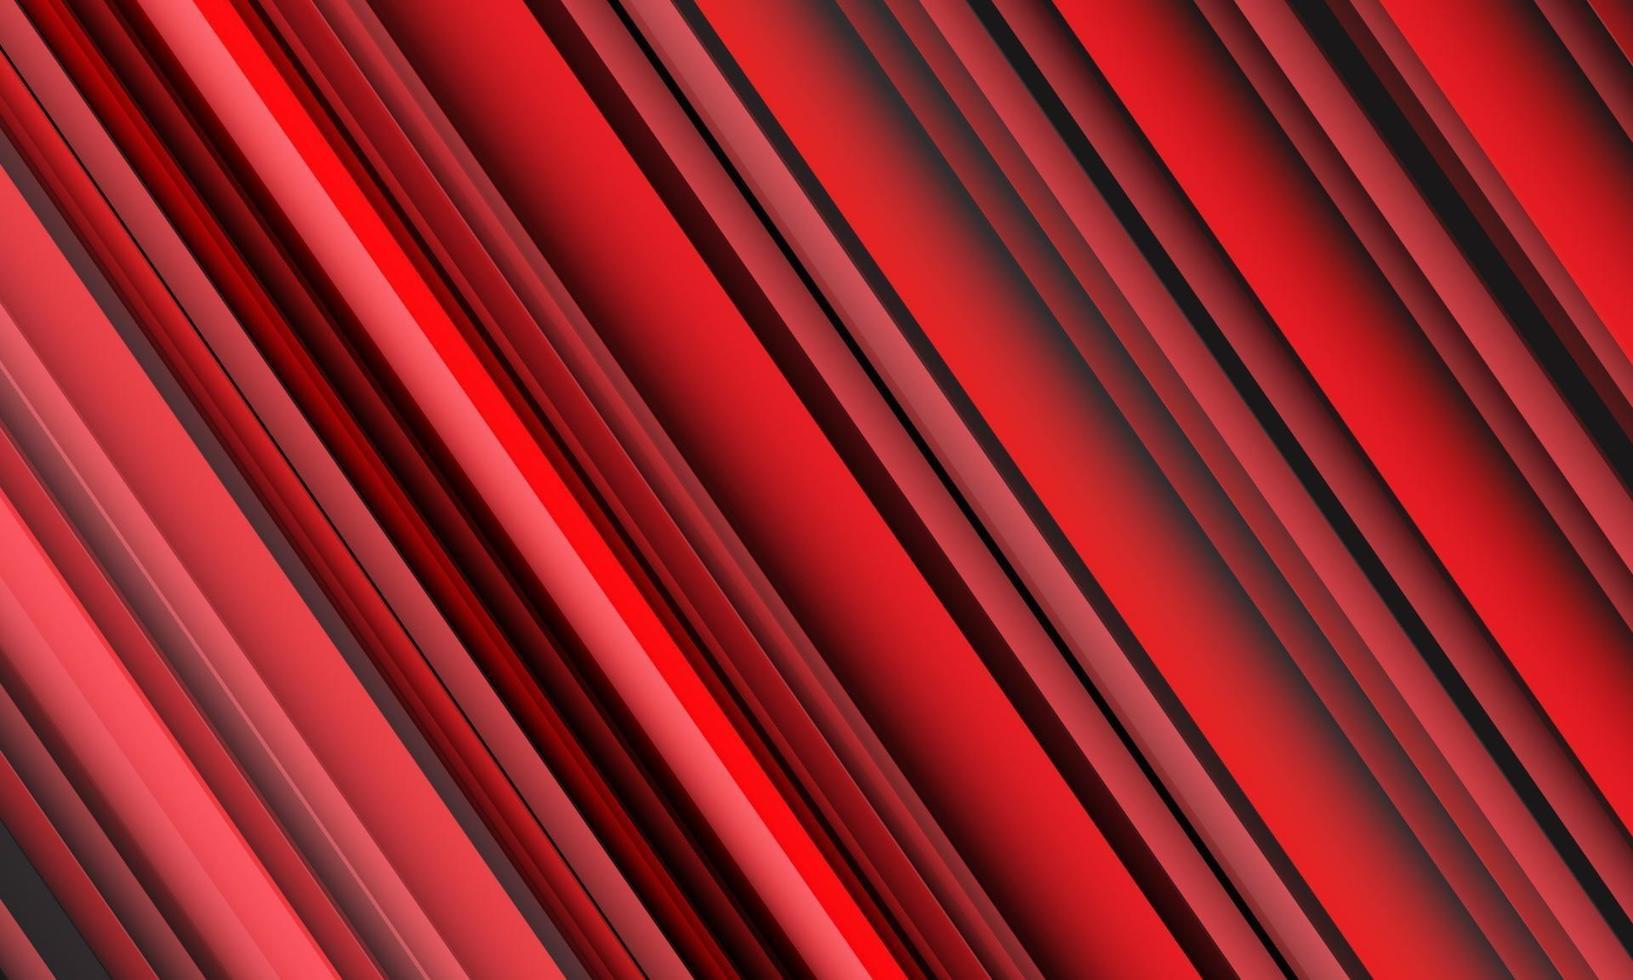 abstrakt röd grå linje hastighet textur bakgrund vektorillustration. vektor